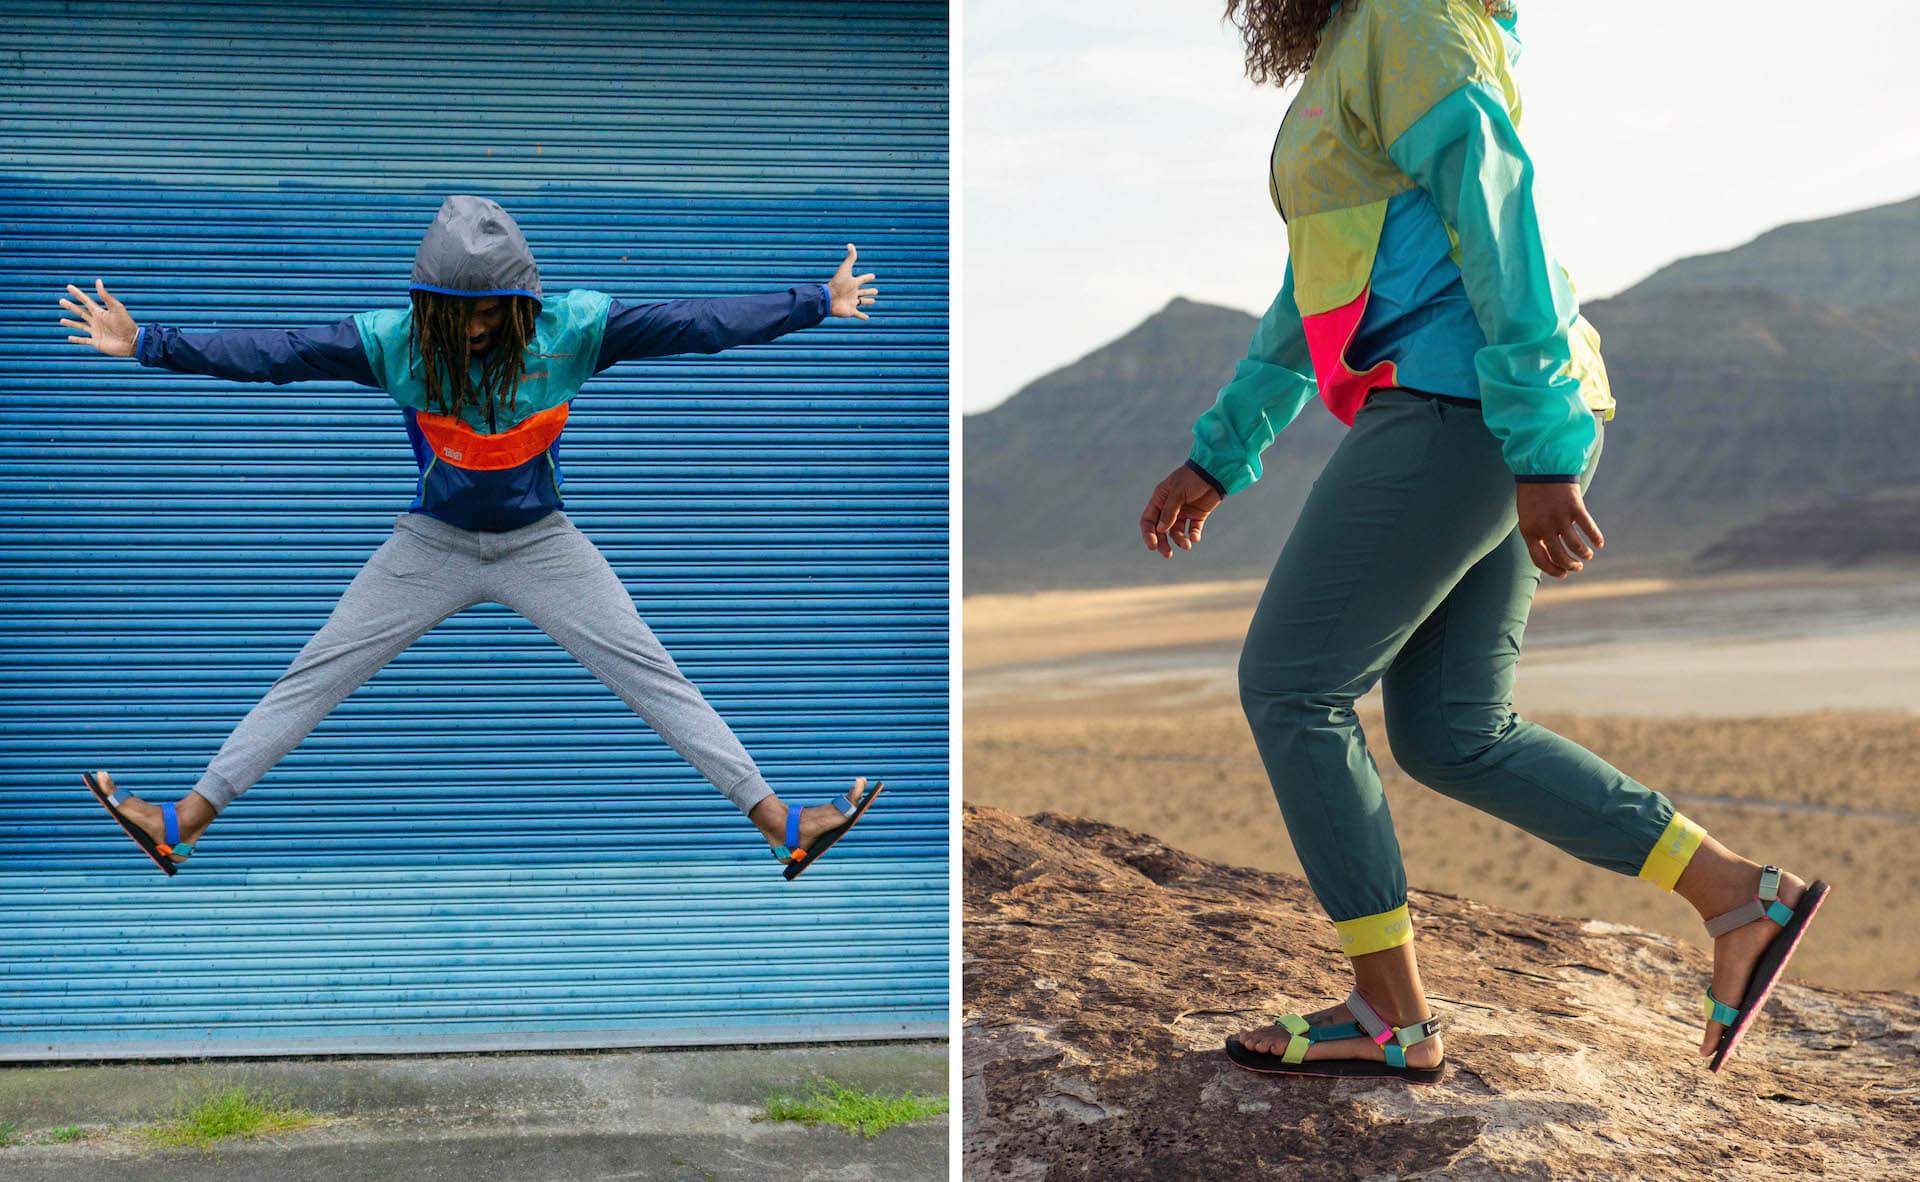 Tevaと米国の次世代アウトドアブランドCotopaxiがコラボ!サステナブルな素材にこだわったサンダルが本日発売 fashion2020729_teva2